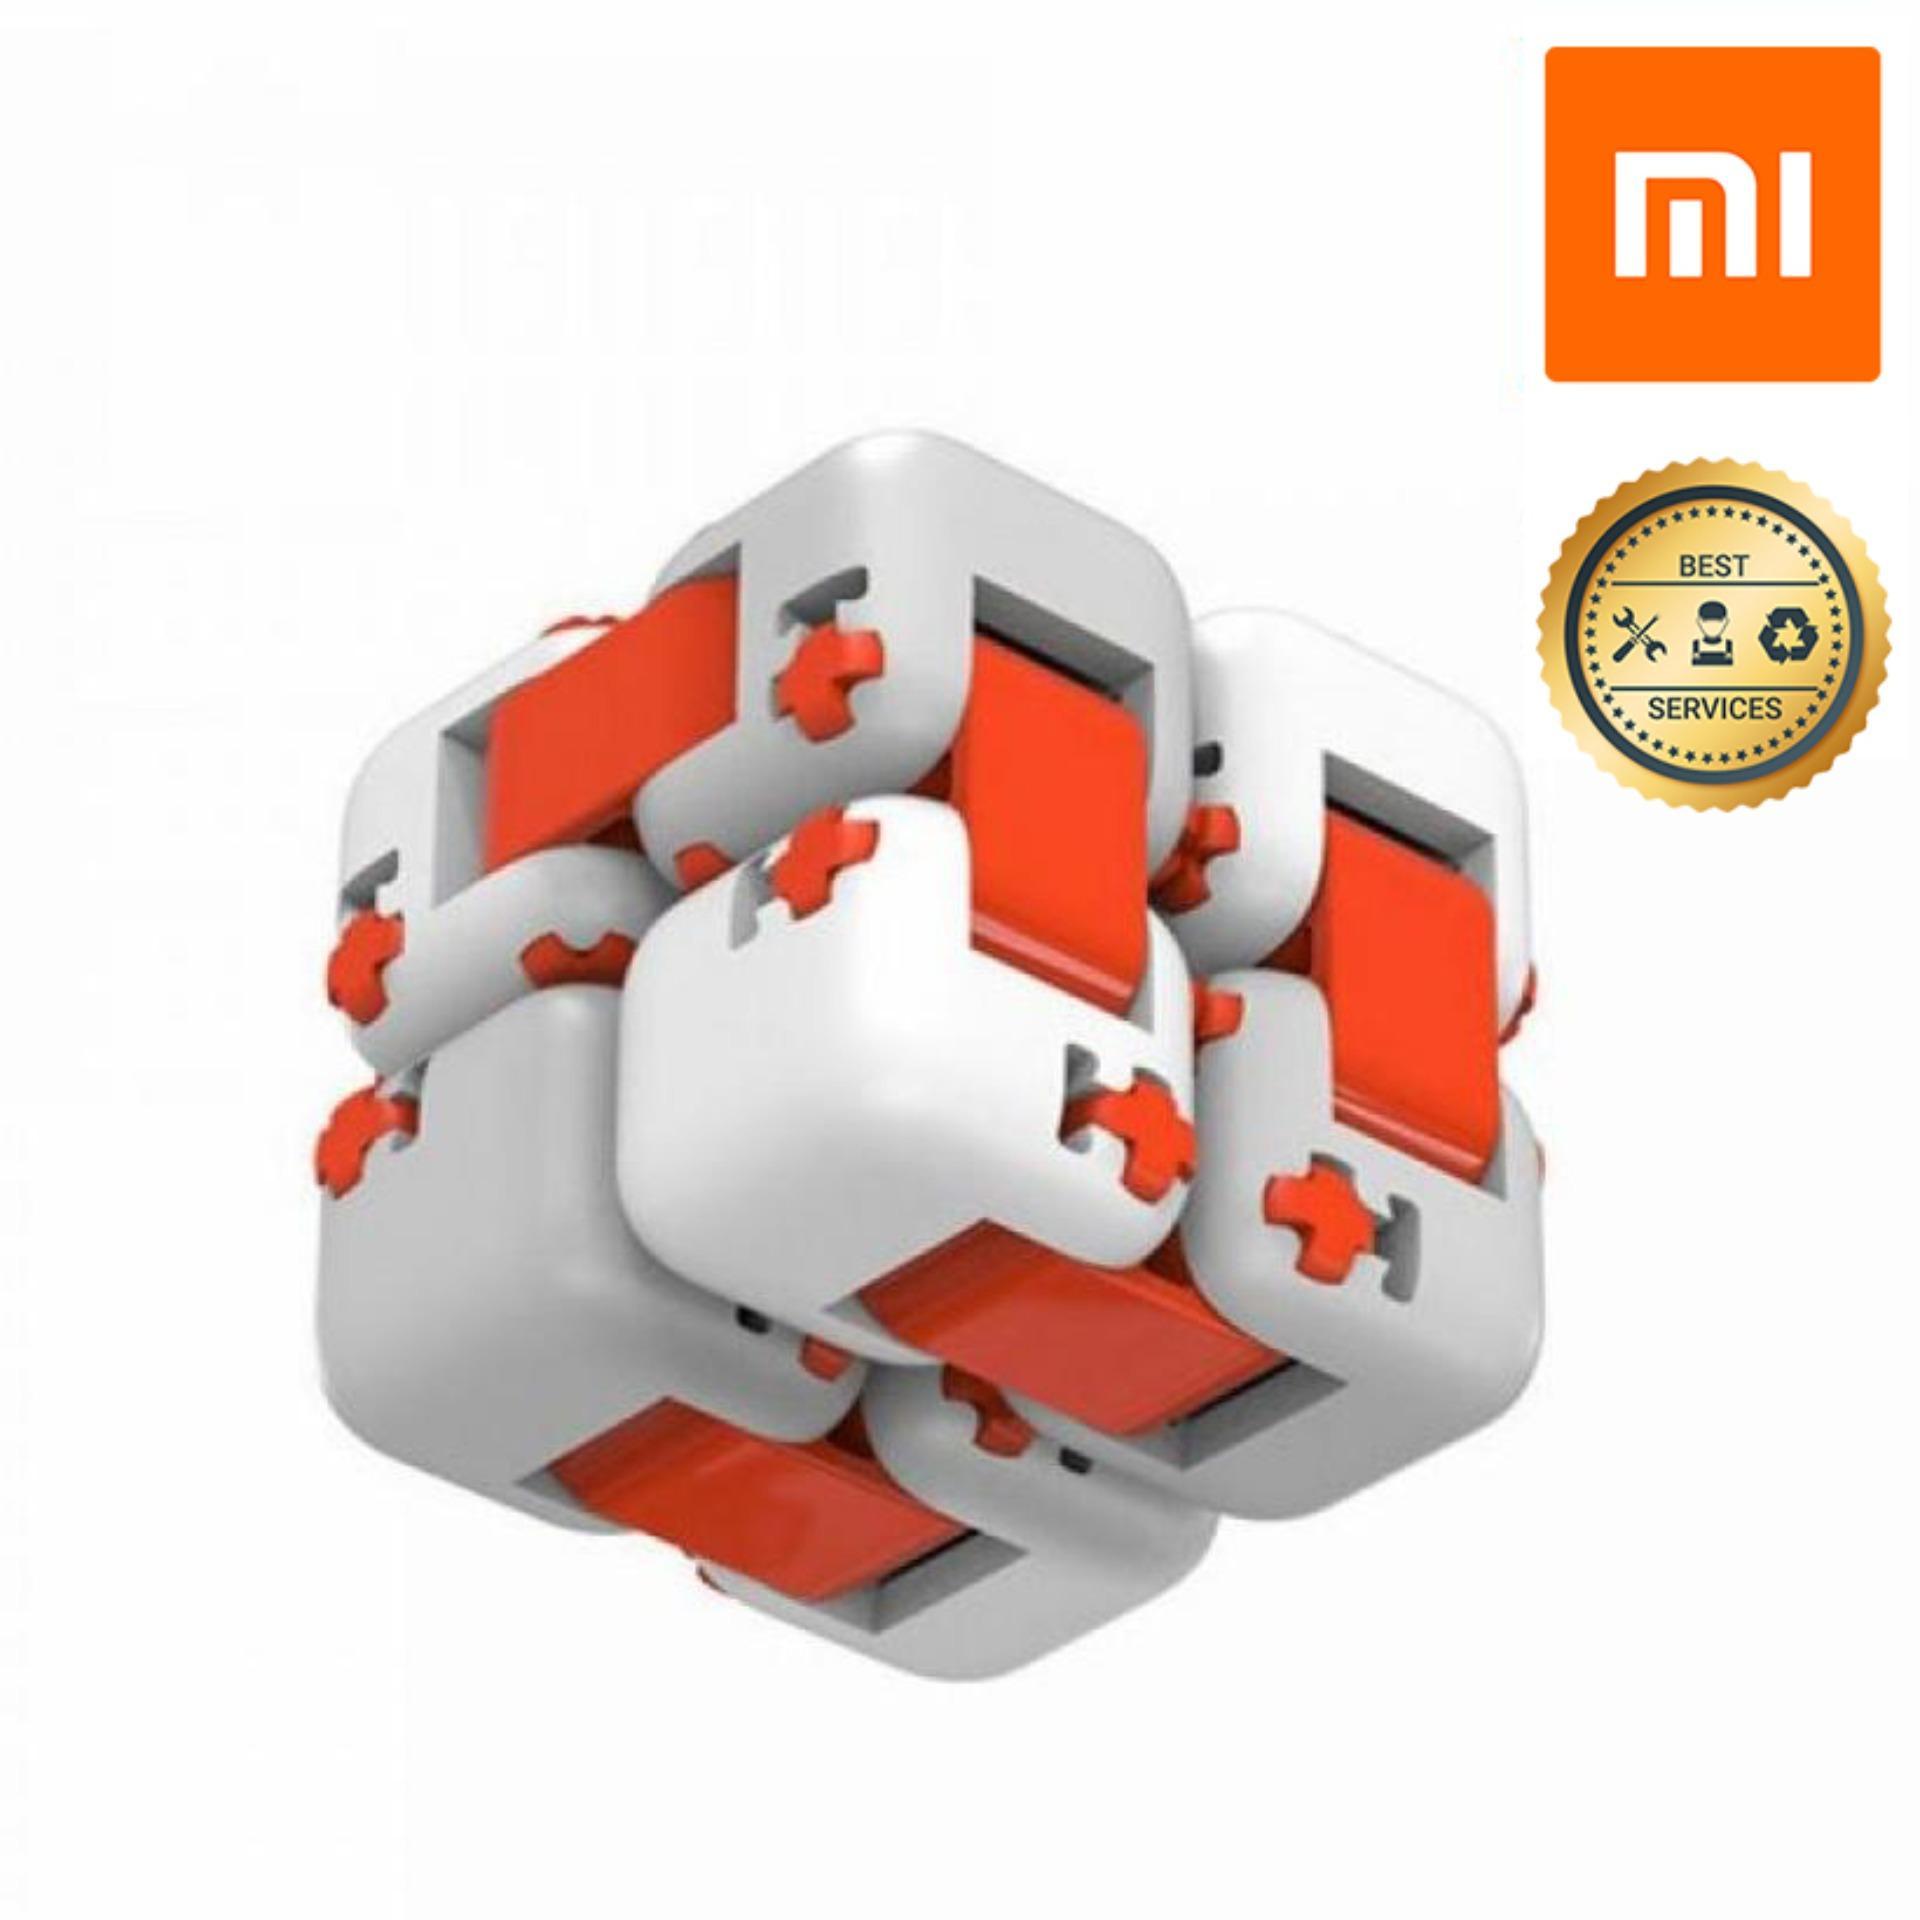 Đồ chơi giảm stress Xiaomi Cube